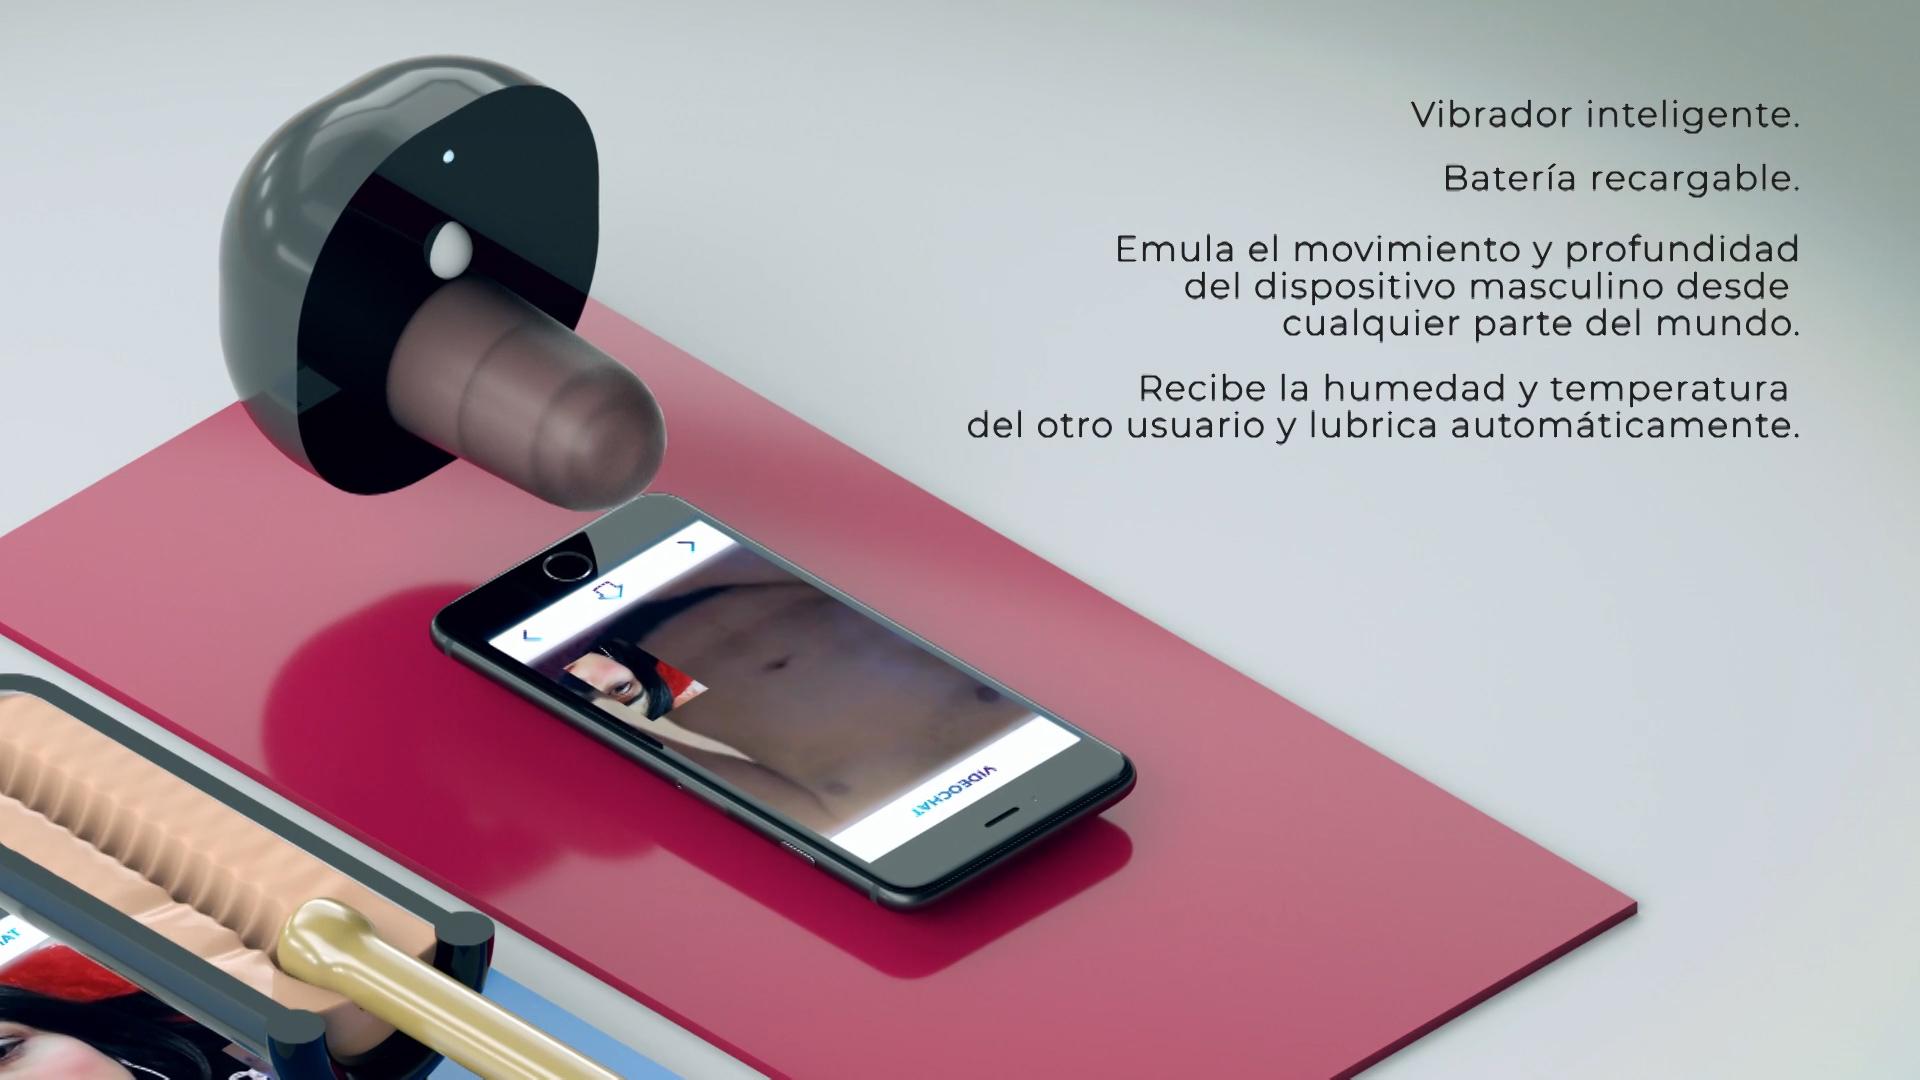 La app permite tener un video chat para poder interactuar con el otro usuario, mientras se usa el dispositivo.